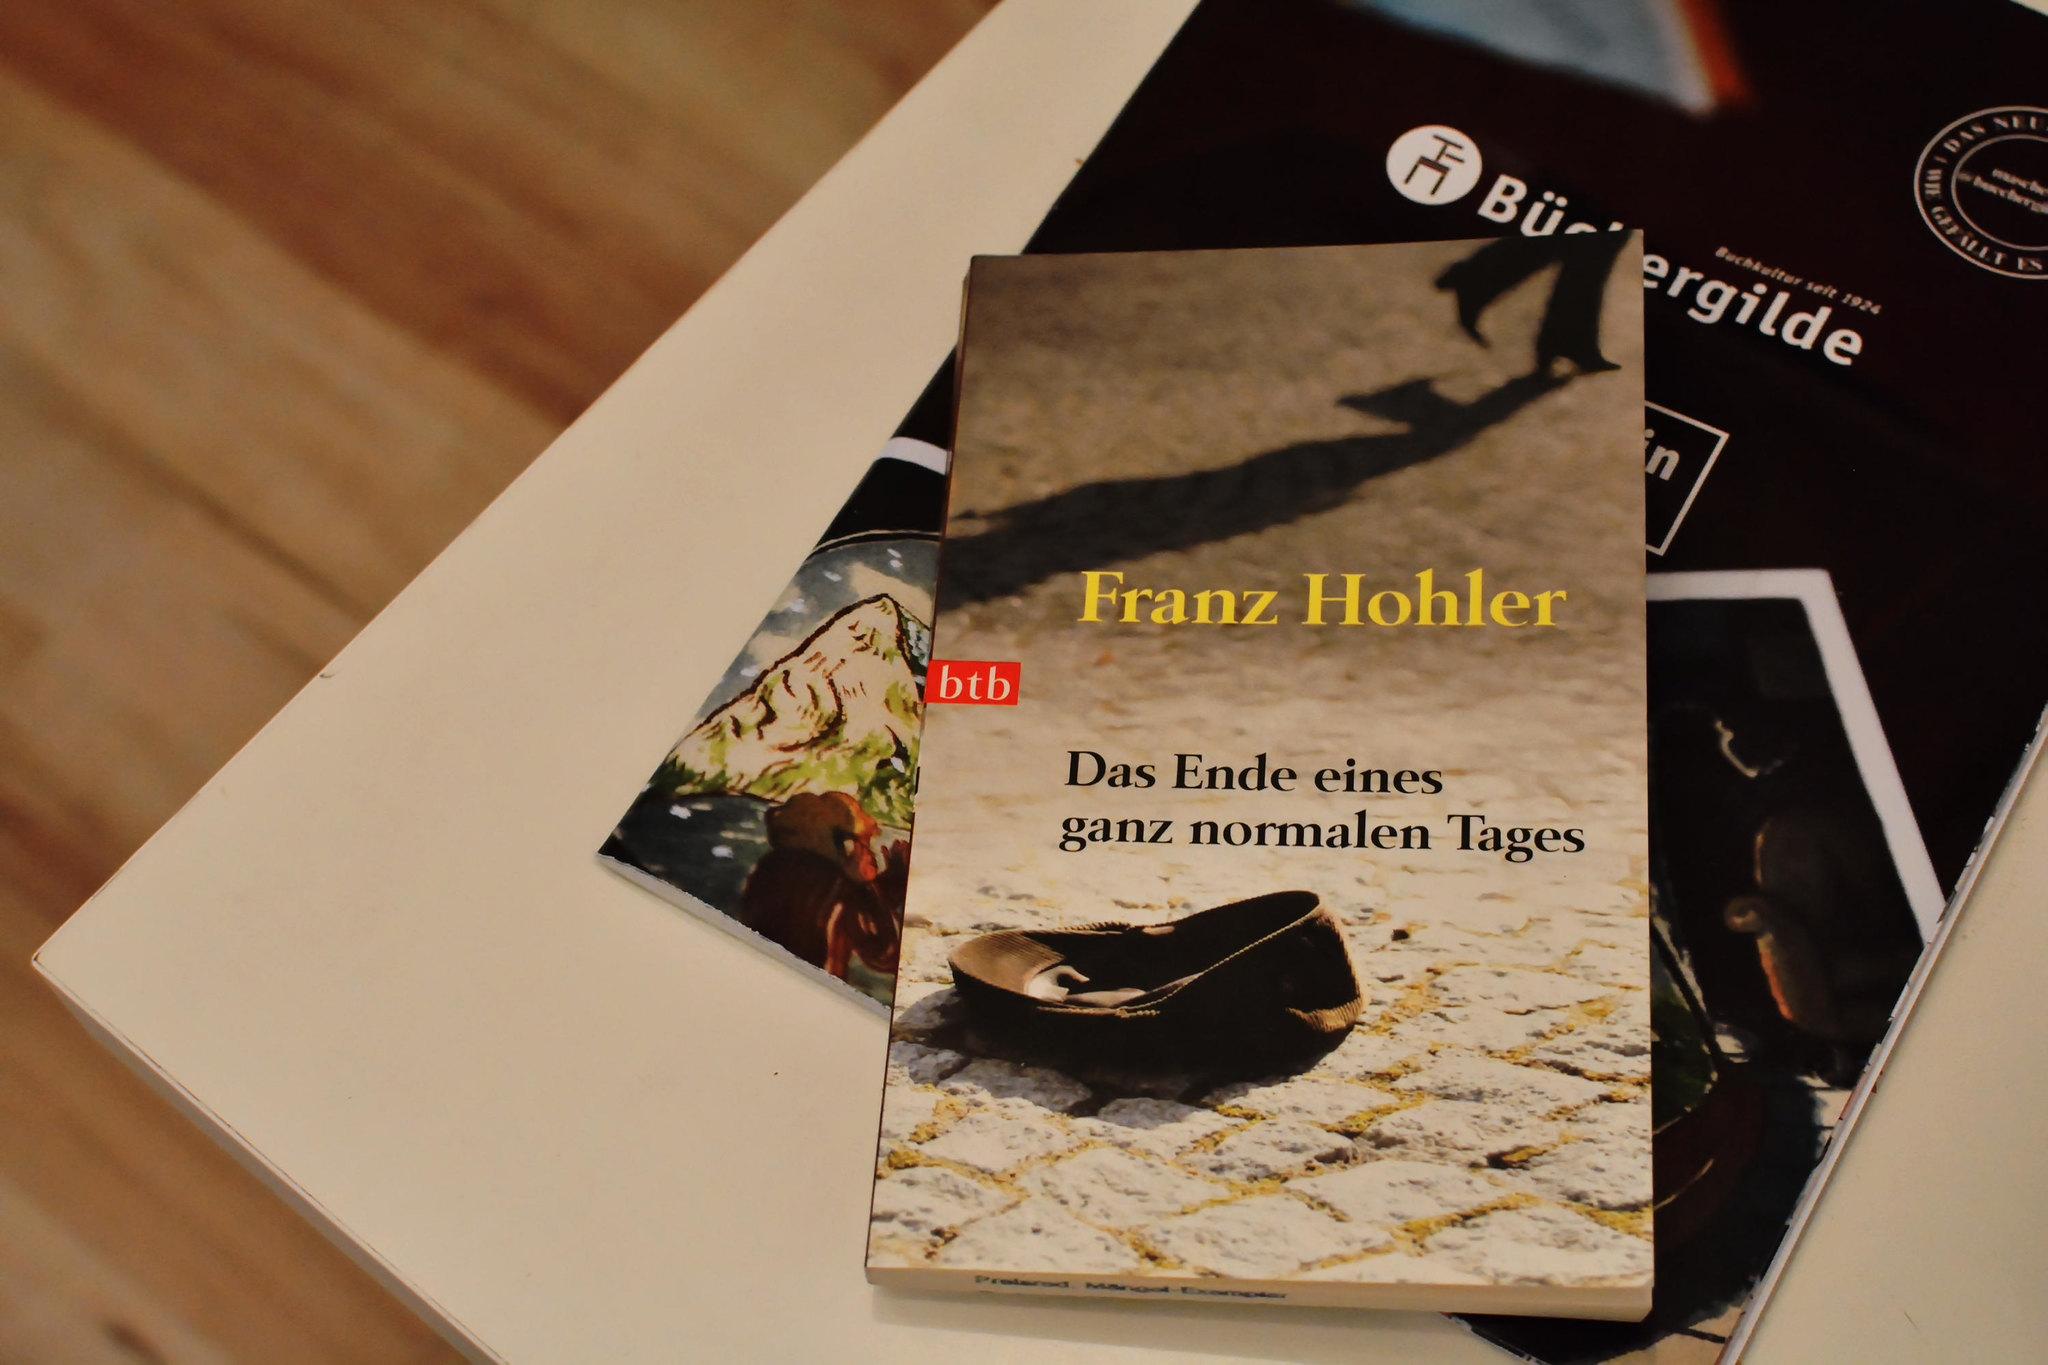 Franz Hohler